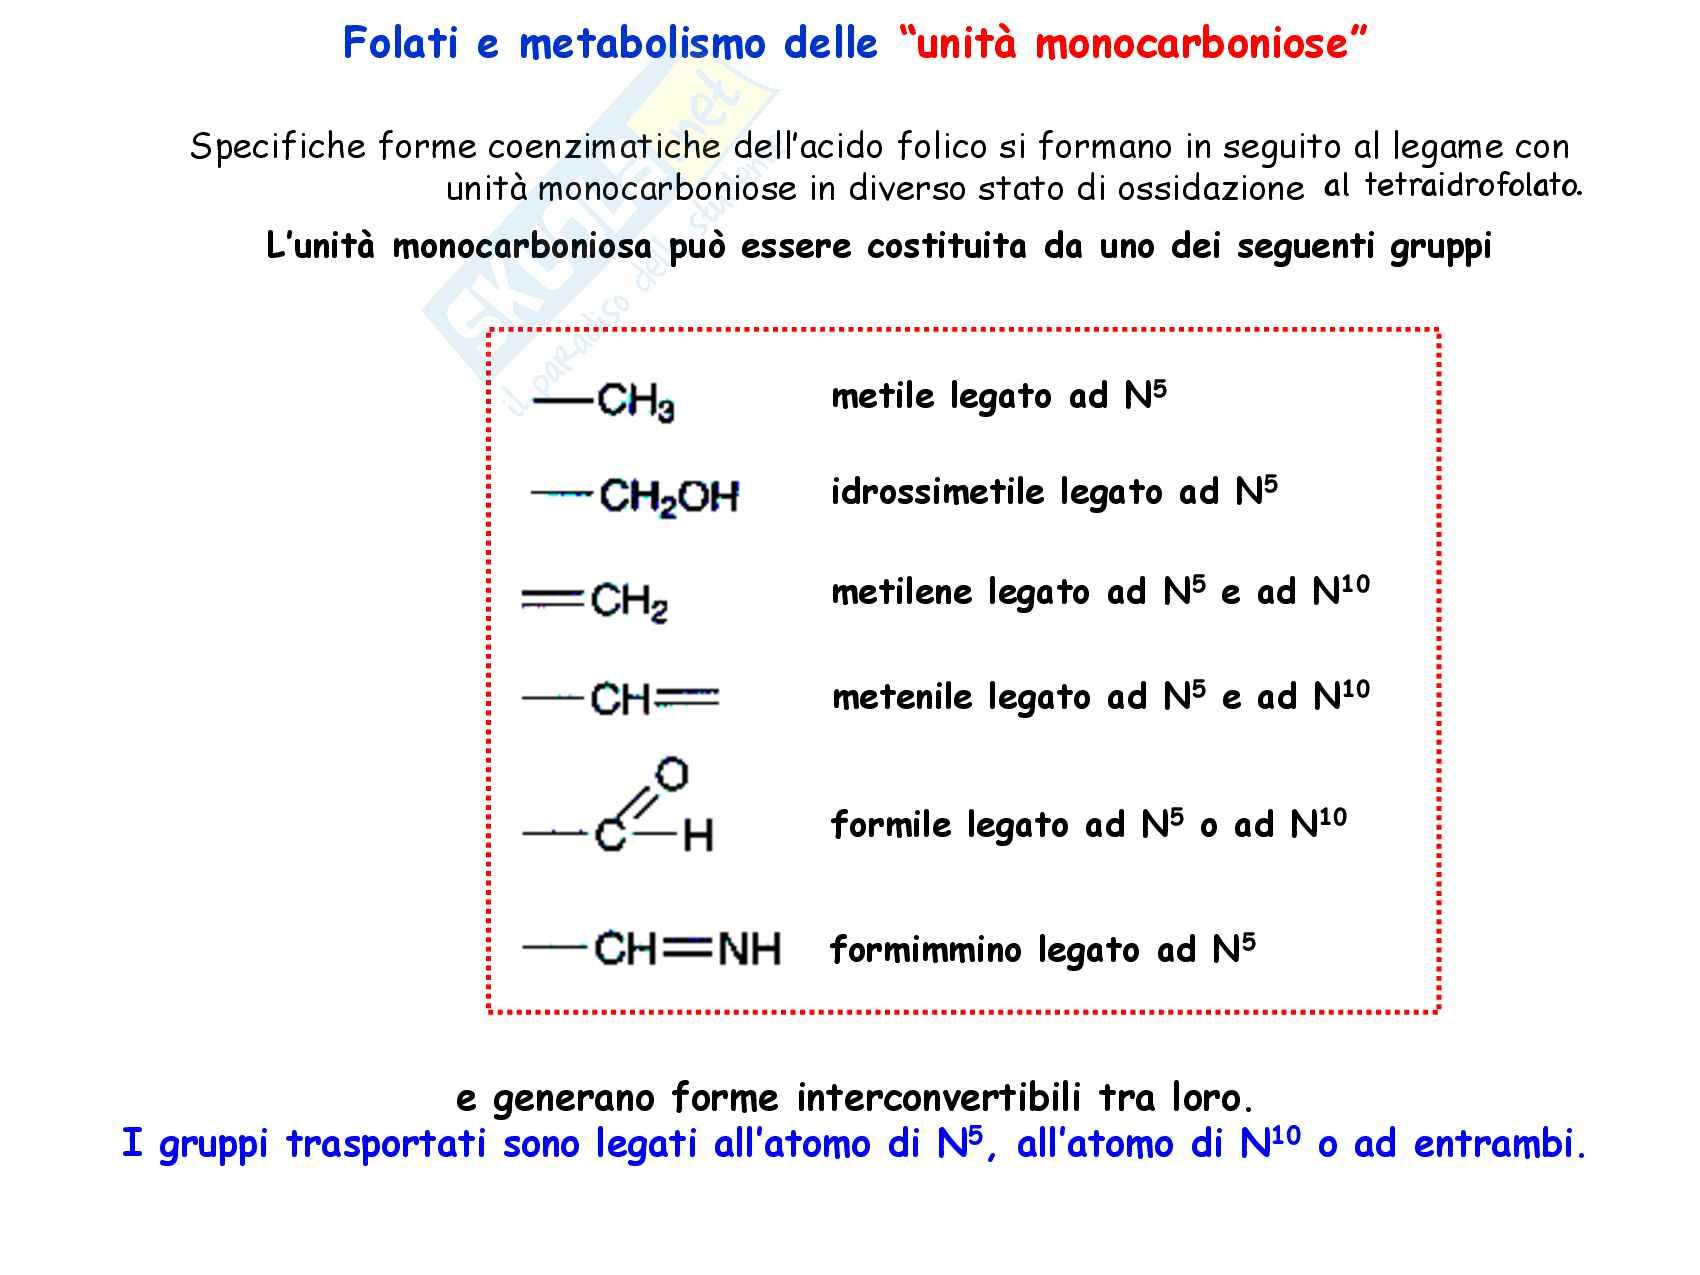 28 Vitamine idrosolubili, struttura e funzioni Pag. 31